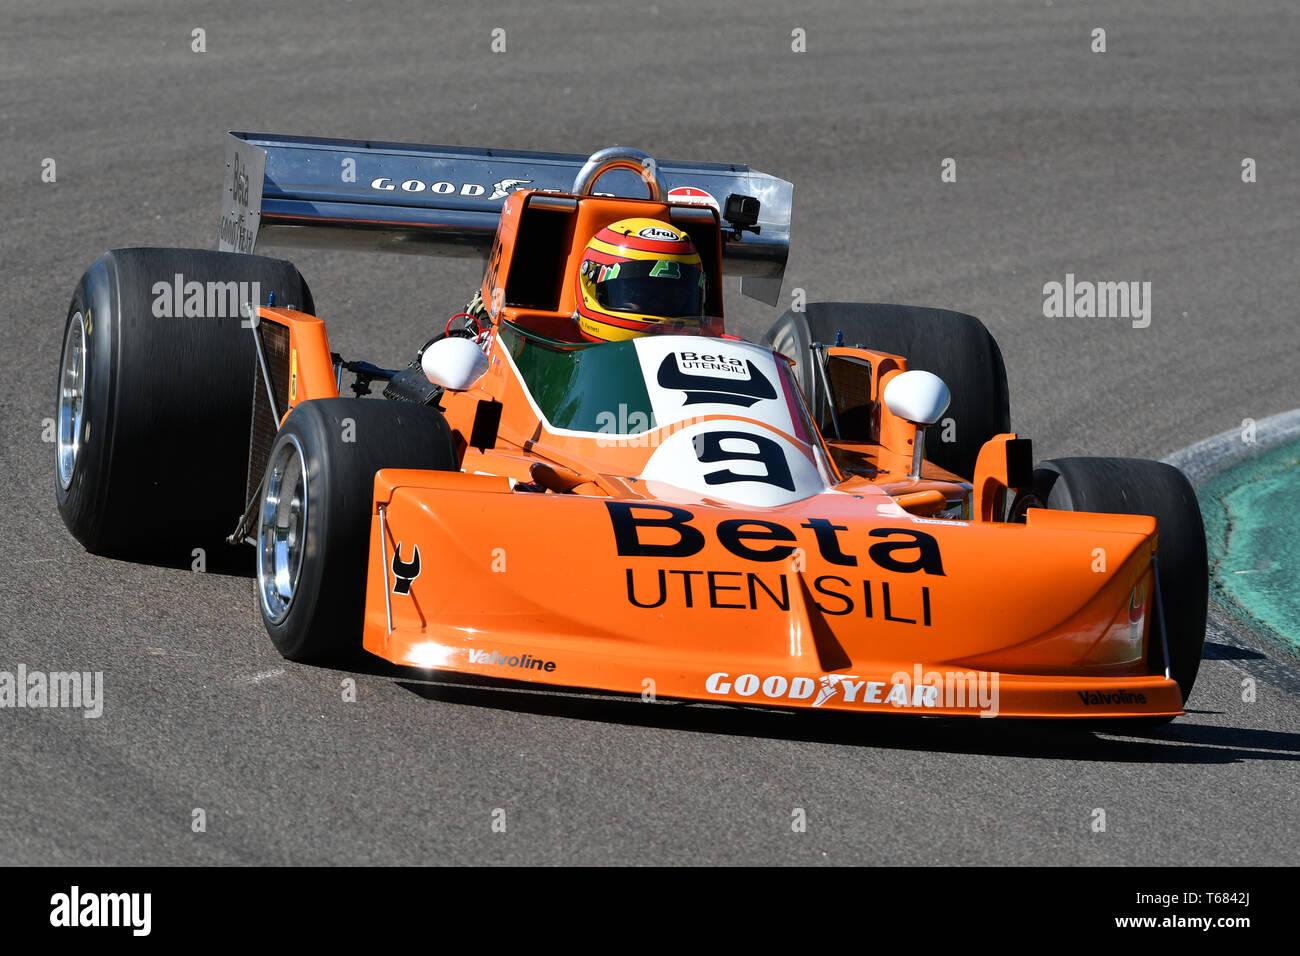 Imola, 27 avril 2019 Historique: F1 March-Cosworth 751 ex 1976 Peterson - Brambilla conduit par inconnu en action au cours de Minardi jour Historique 2019 Banque D'Images